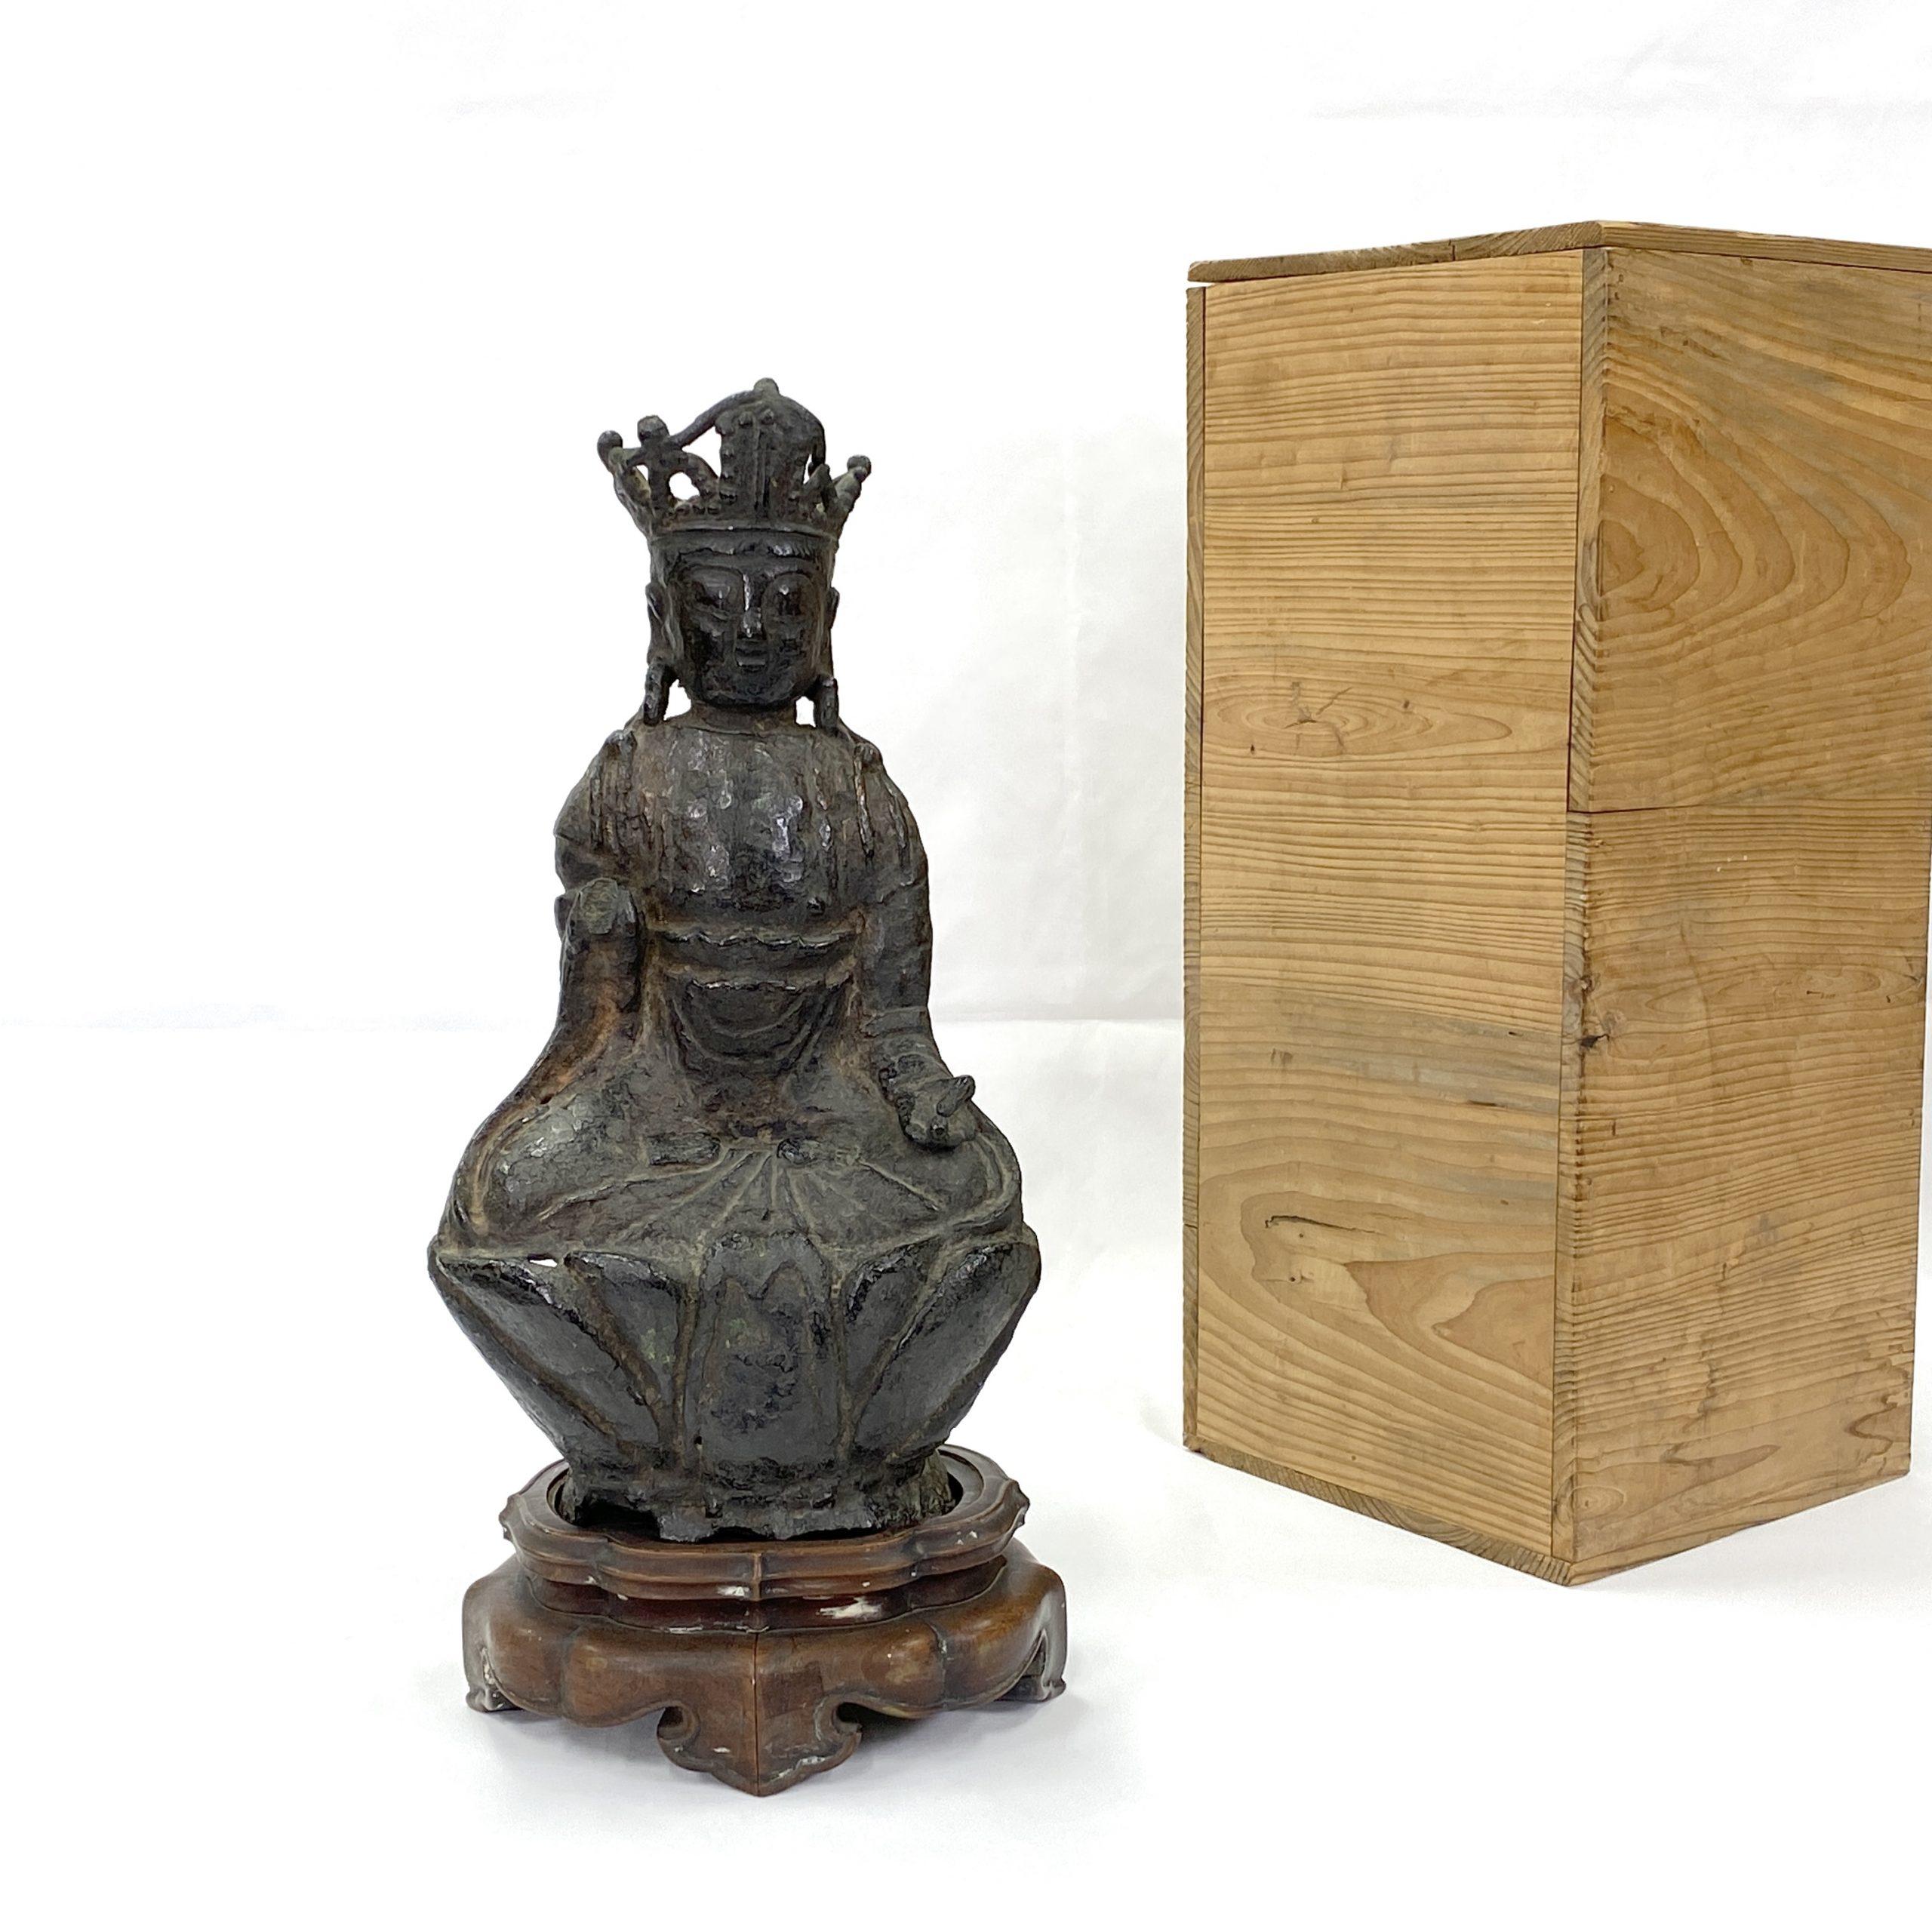 30140明 銅鎏彩 観音坐像